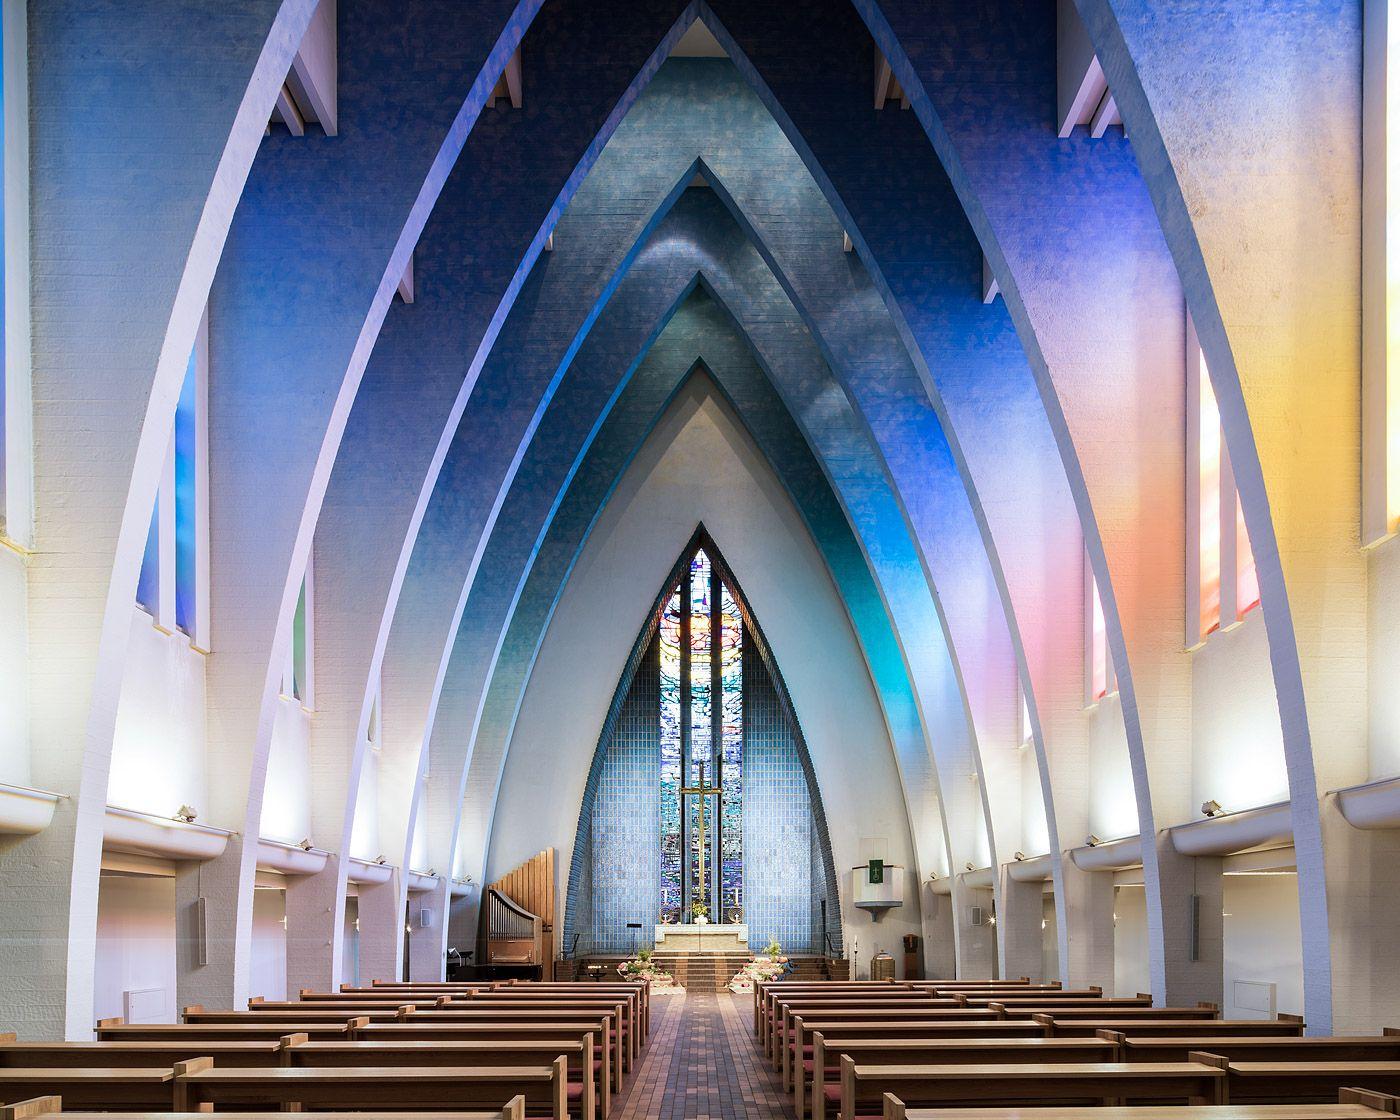 Hohenzollernplatz Church From Berlin Interiors Series